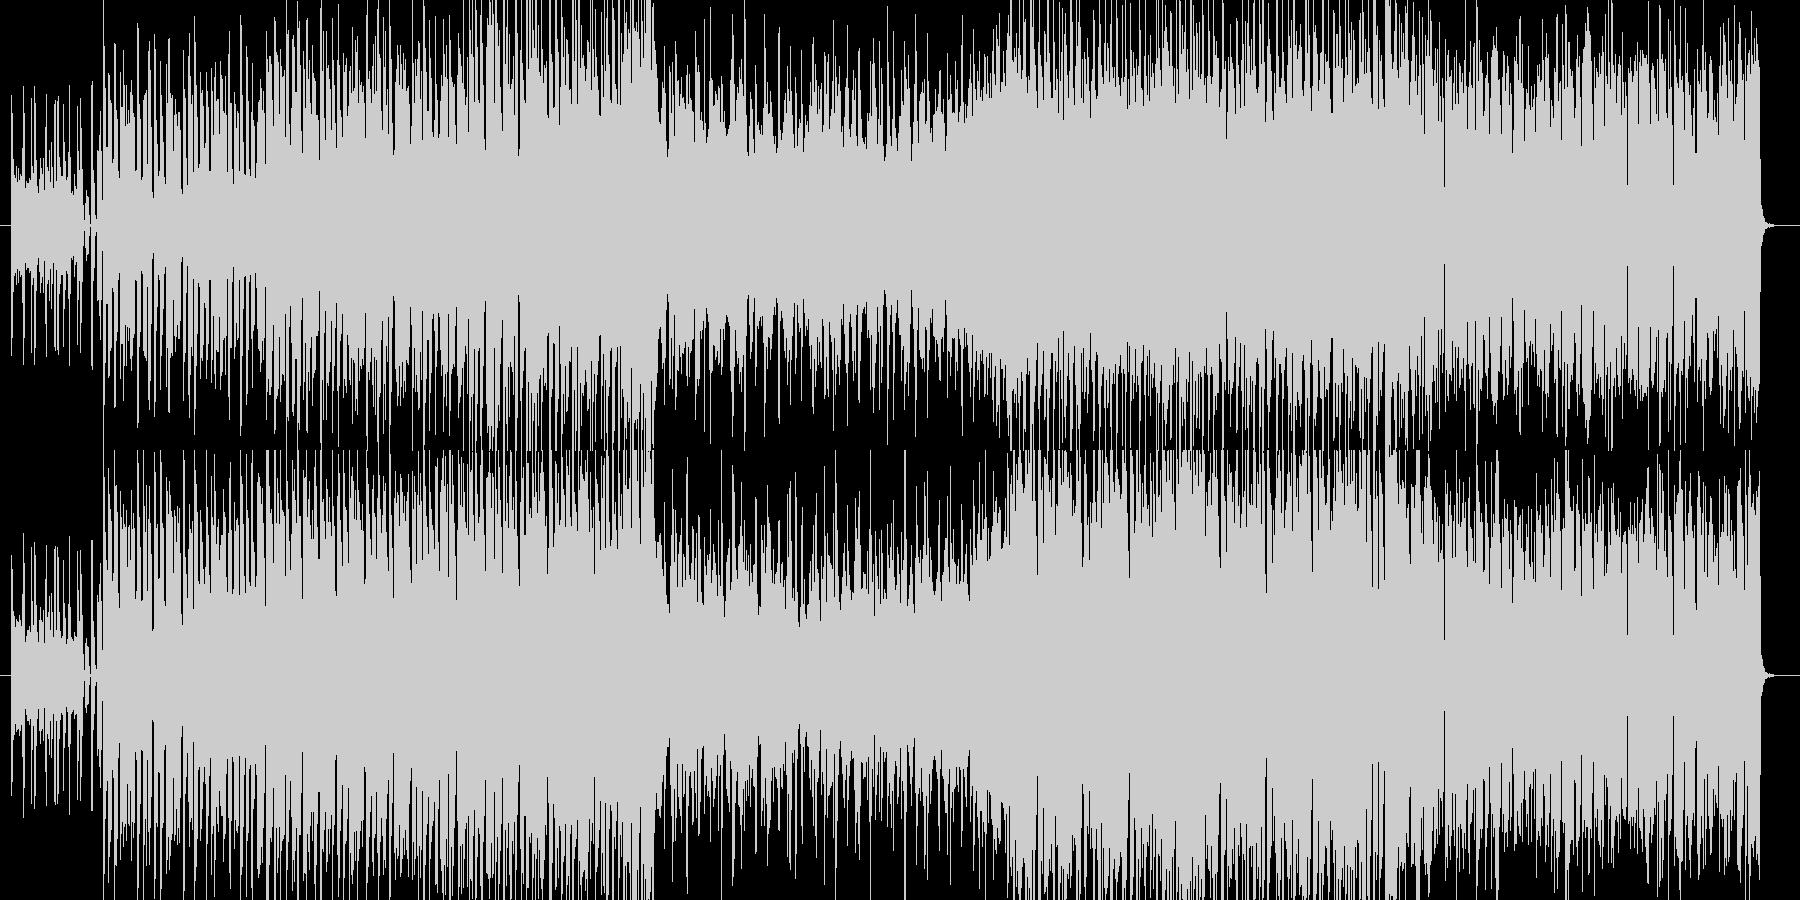 弦楽器とストリングスの入ったテクノ曲の未再生の波形